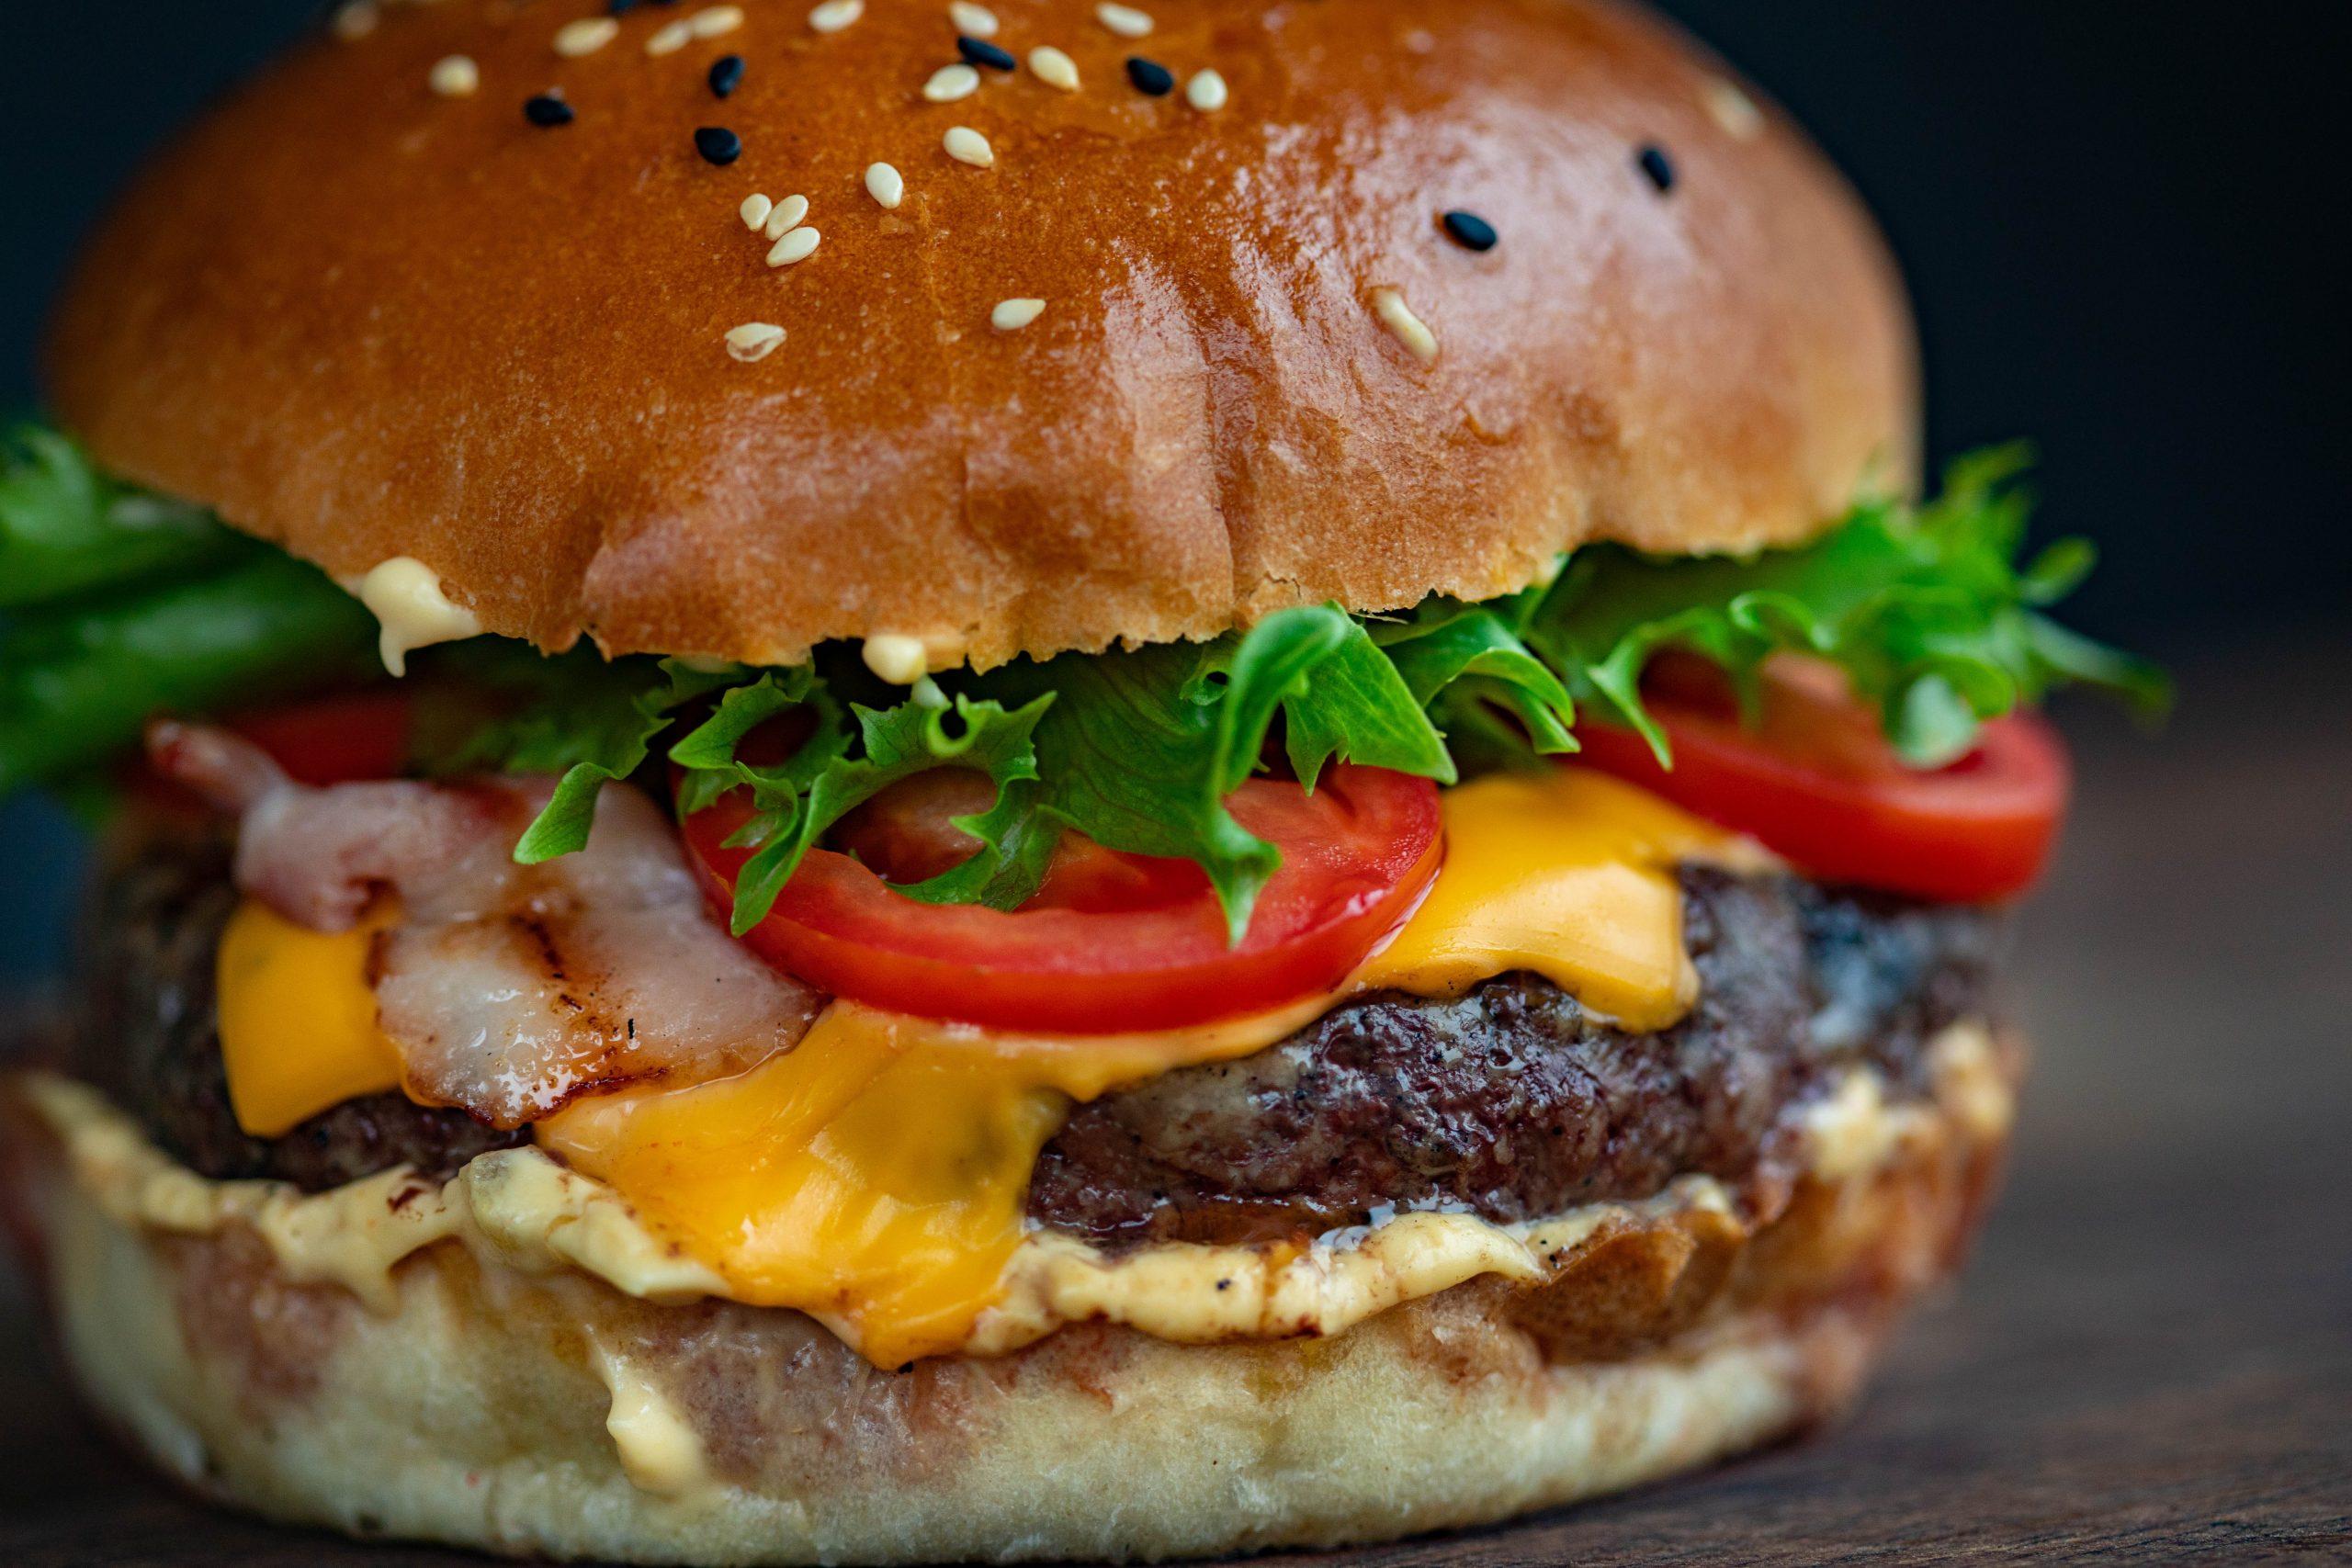 Vandaag maak jij de ultieme hamburger! Mét of zonder vlees